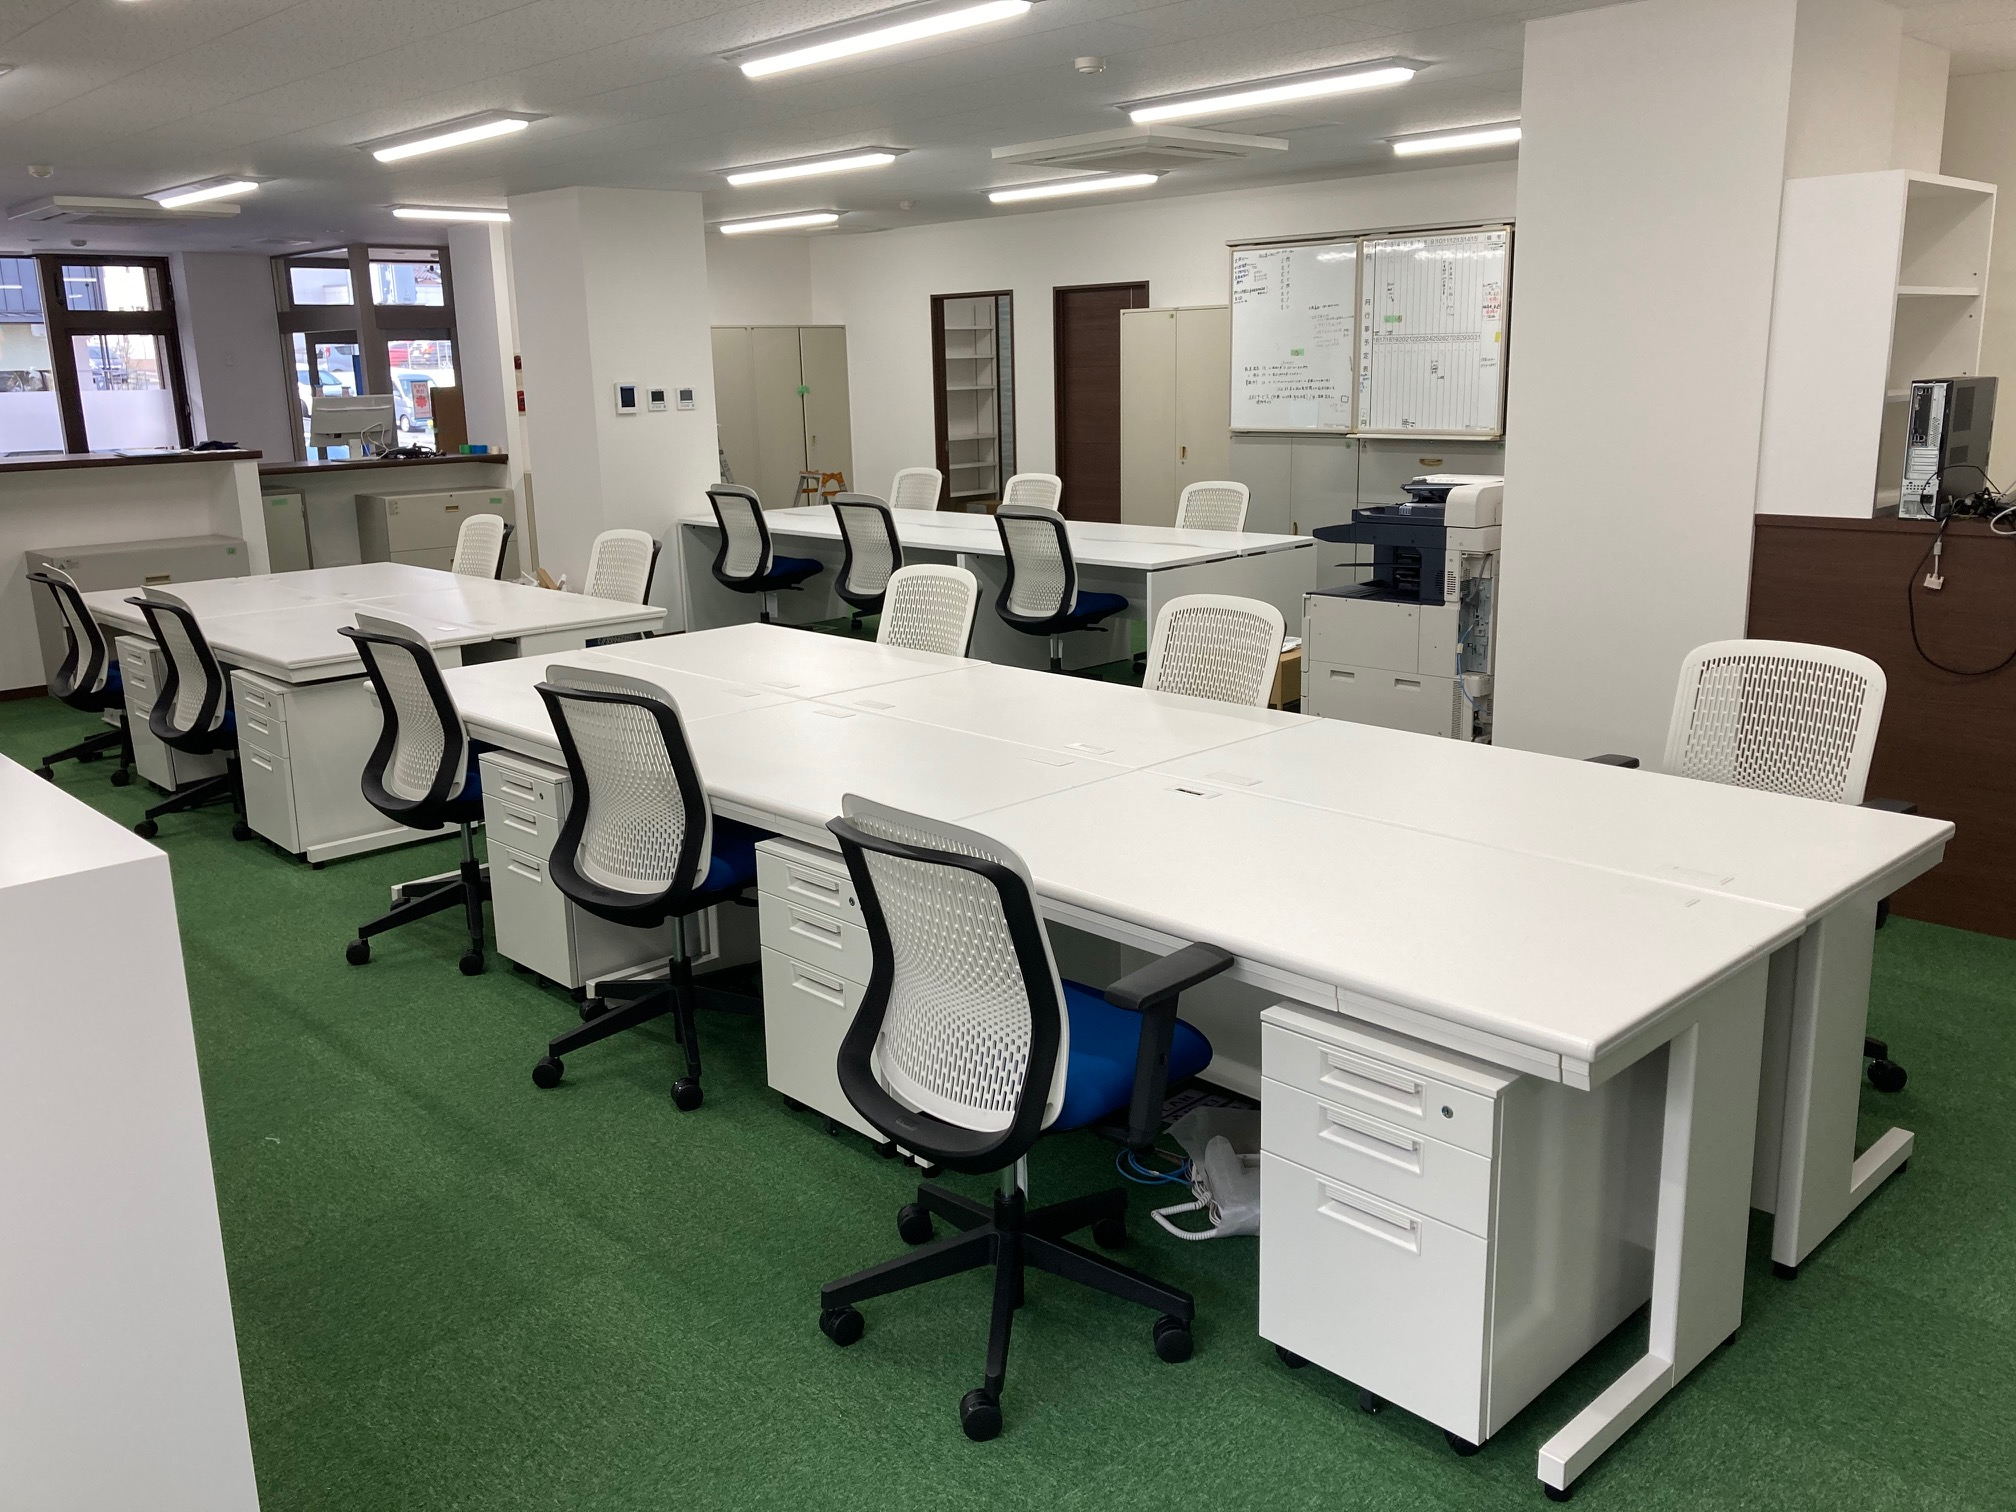 オフィス移転に伴うオフィスレイアウト設計